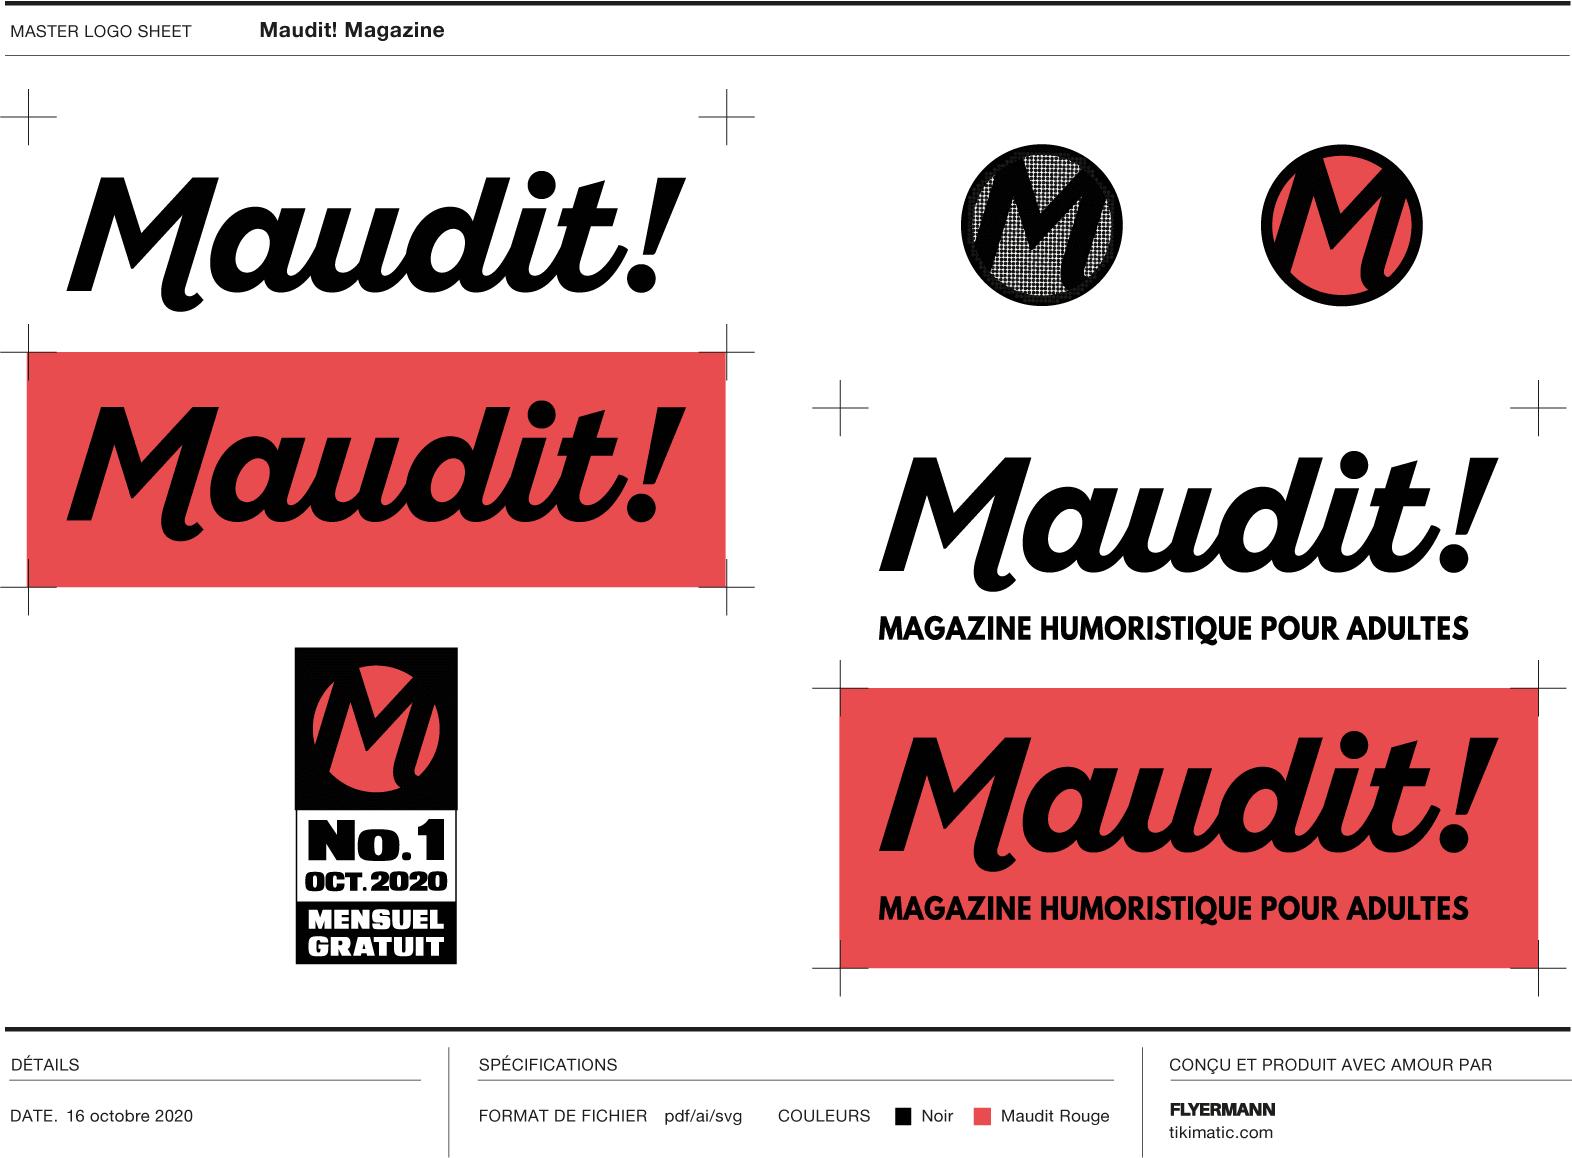 Maudit! Magazine | Master Logo Sheet